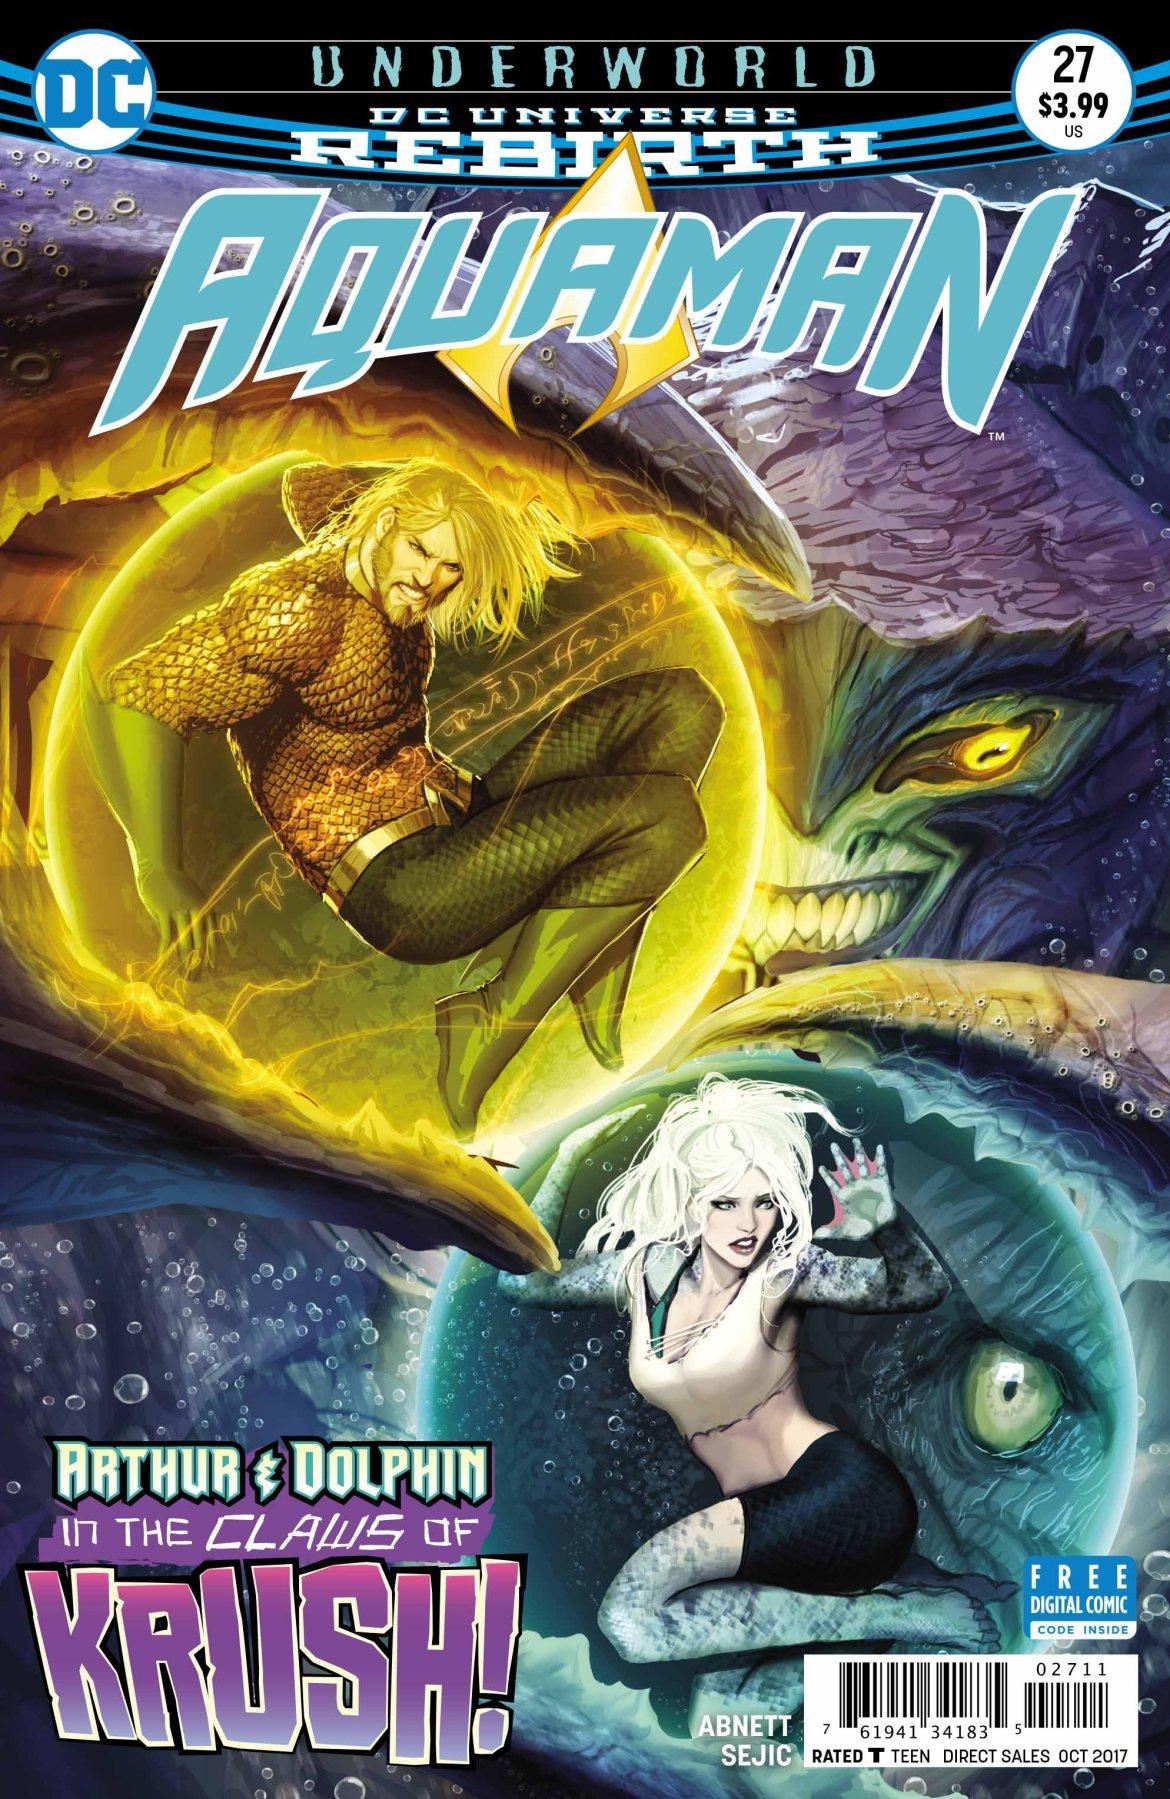 Aquaman Cover - DC Comics News